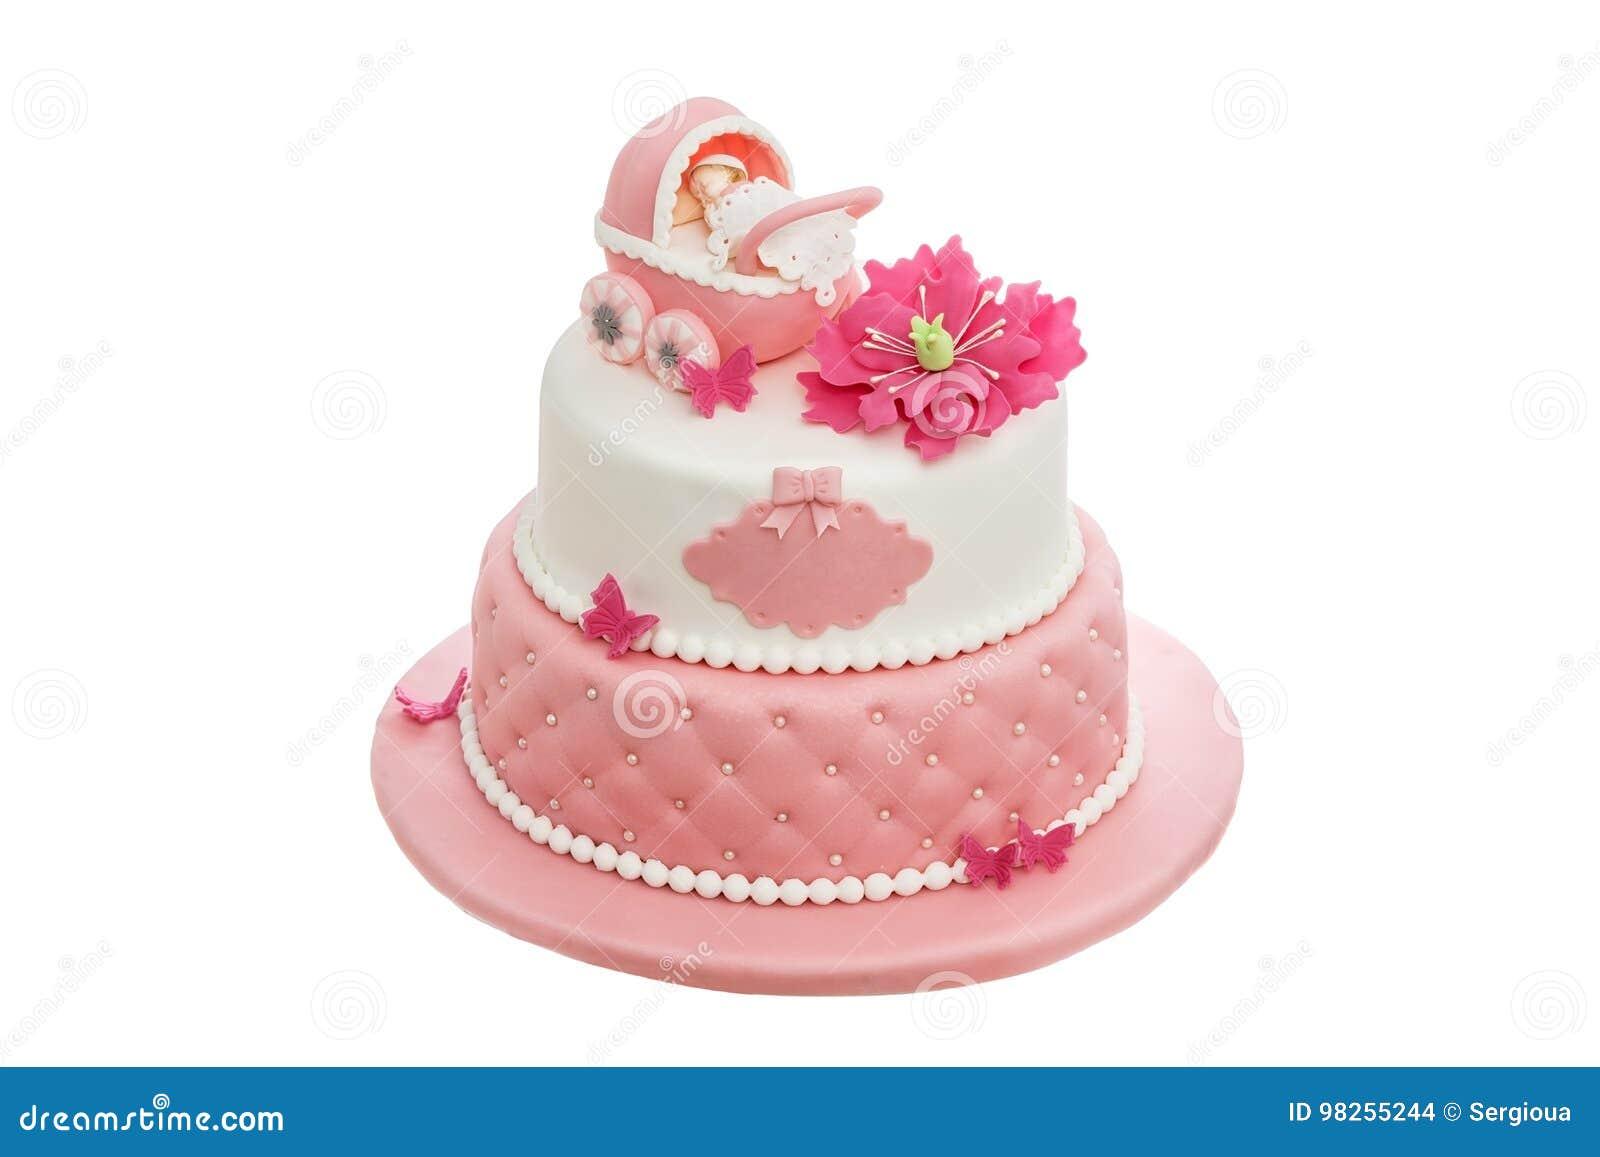 Ein Erstaunlicher Kuchen Fur Taufe Fur Ein Neugeborenes Madchen Auf